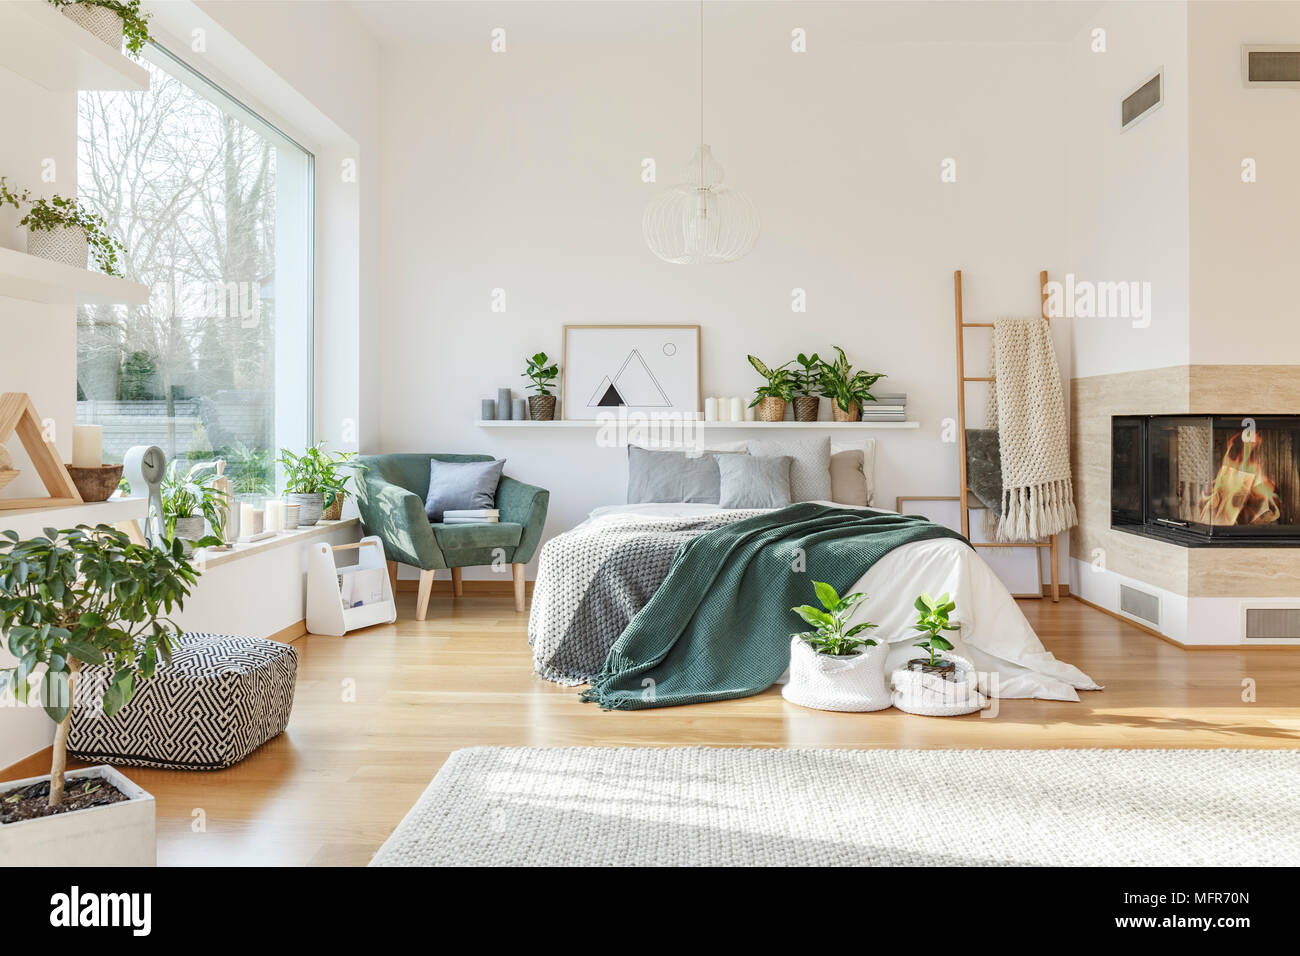 Intérieur chambre à coucher avec lit king size, tapis, fauteuil ...